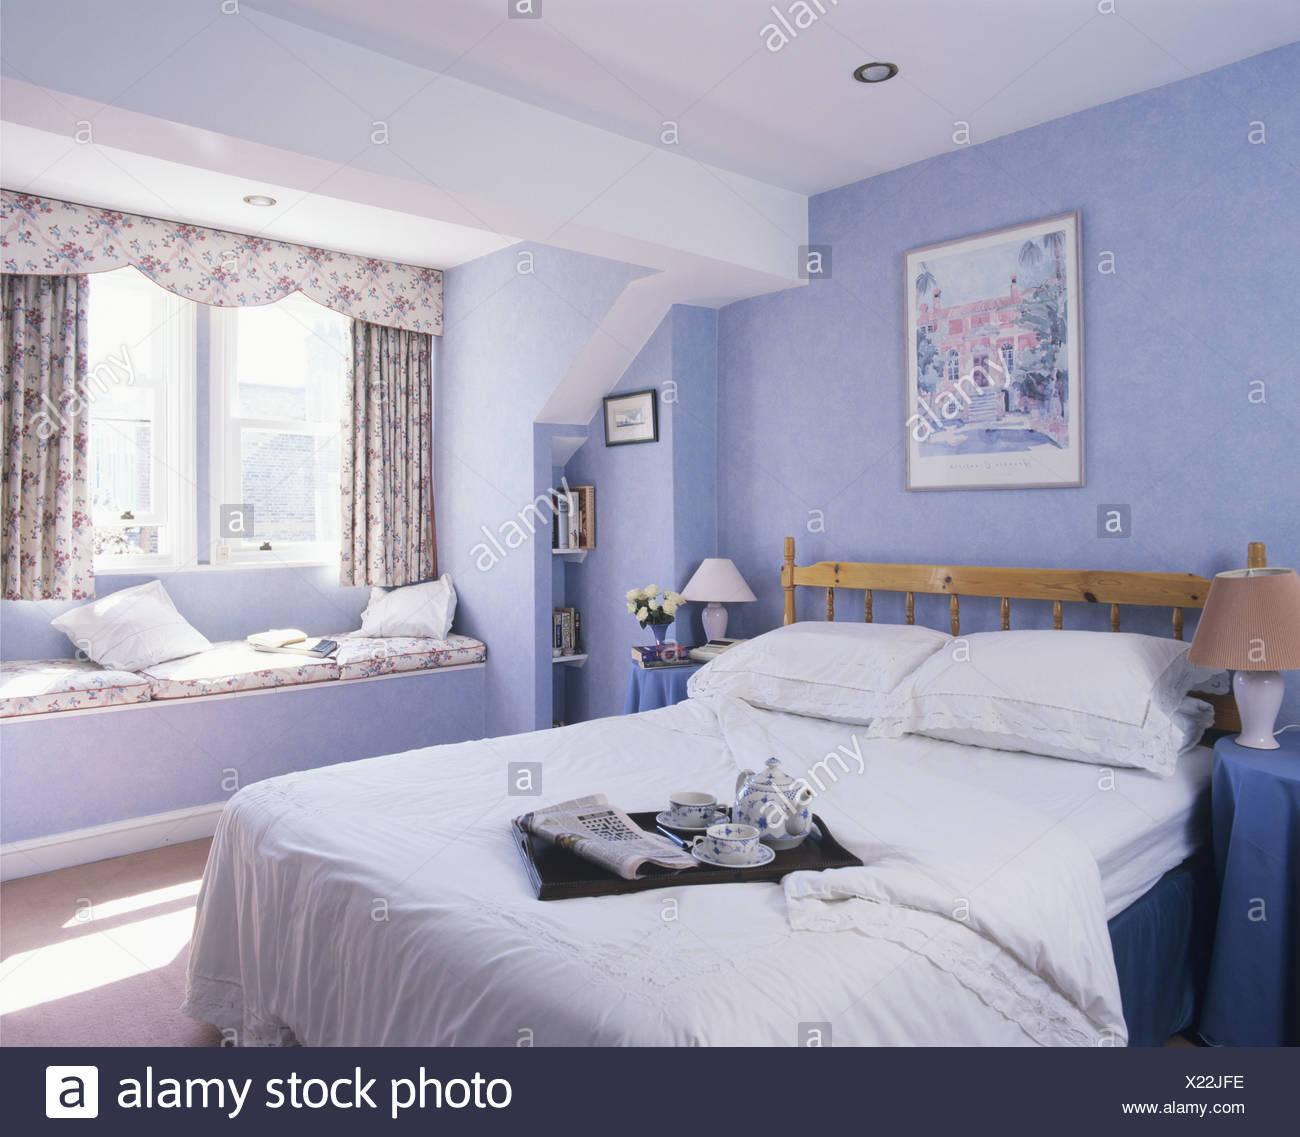 Bett mit Frühstückstablett auf weißer Quilt in modernen Pastell blau ...